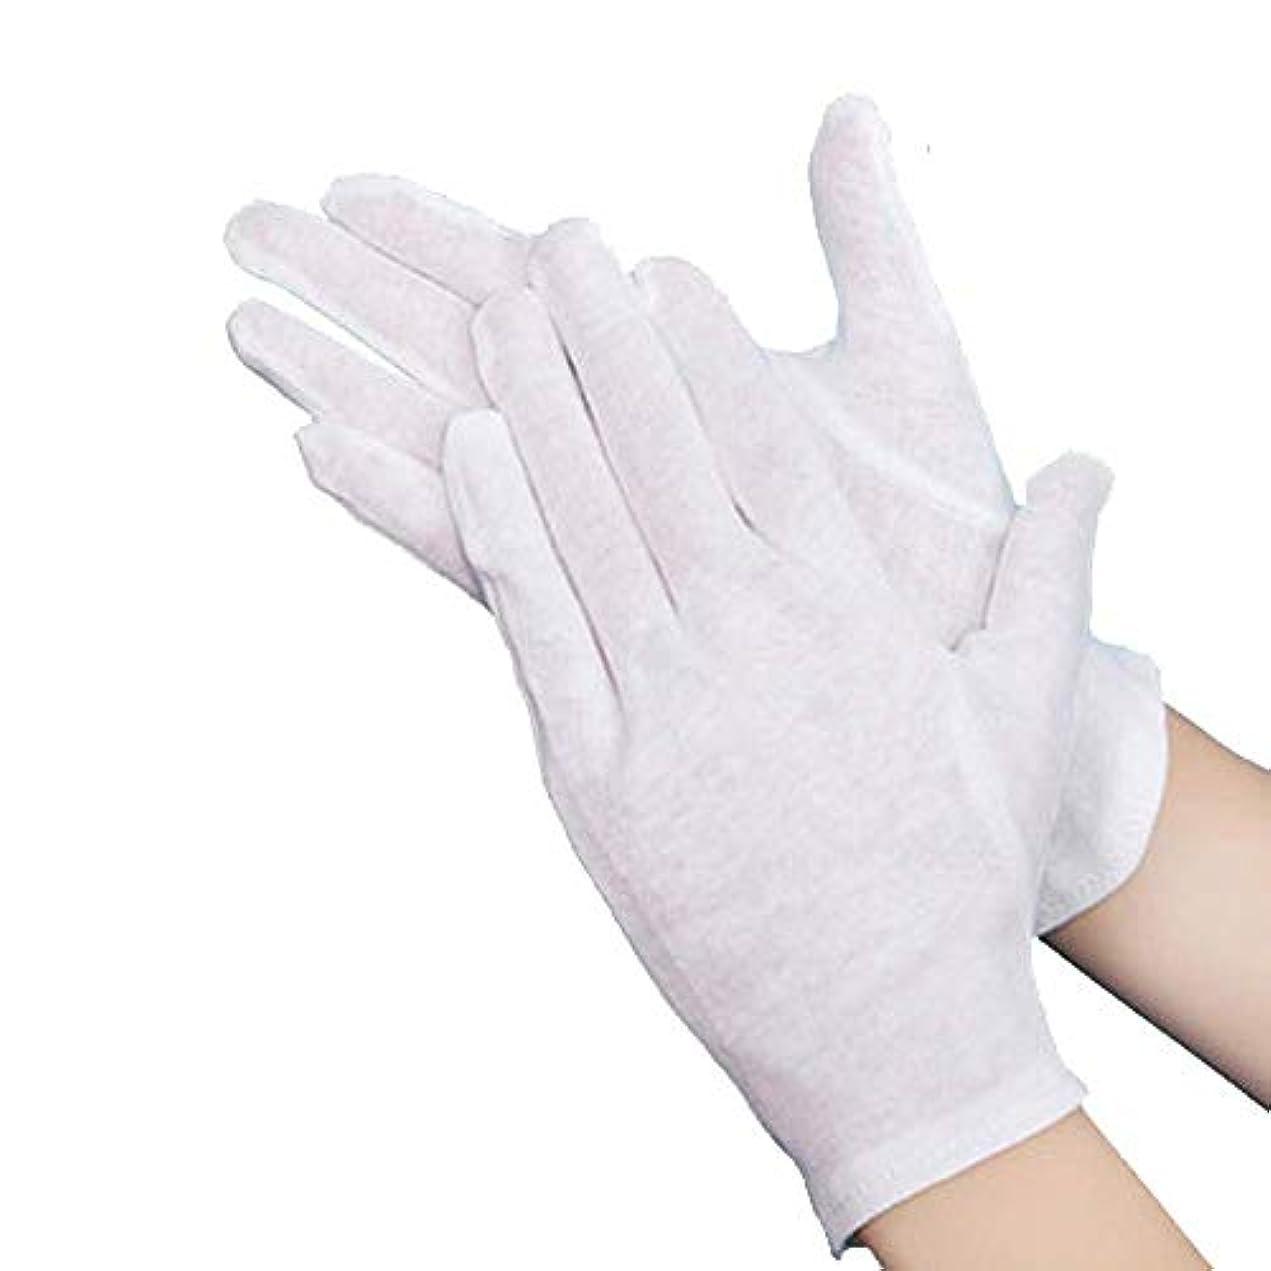 腹失われた健全綿手袋 純綿100%通気性耐久性が強い上に軽く高品質吸汗性が优秀ふんわりとした肌触り10双組